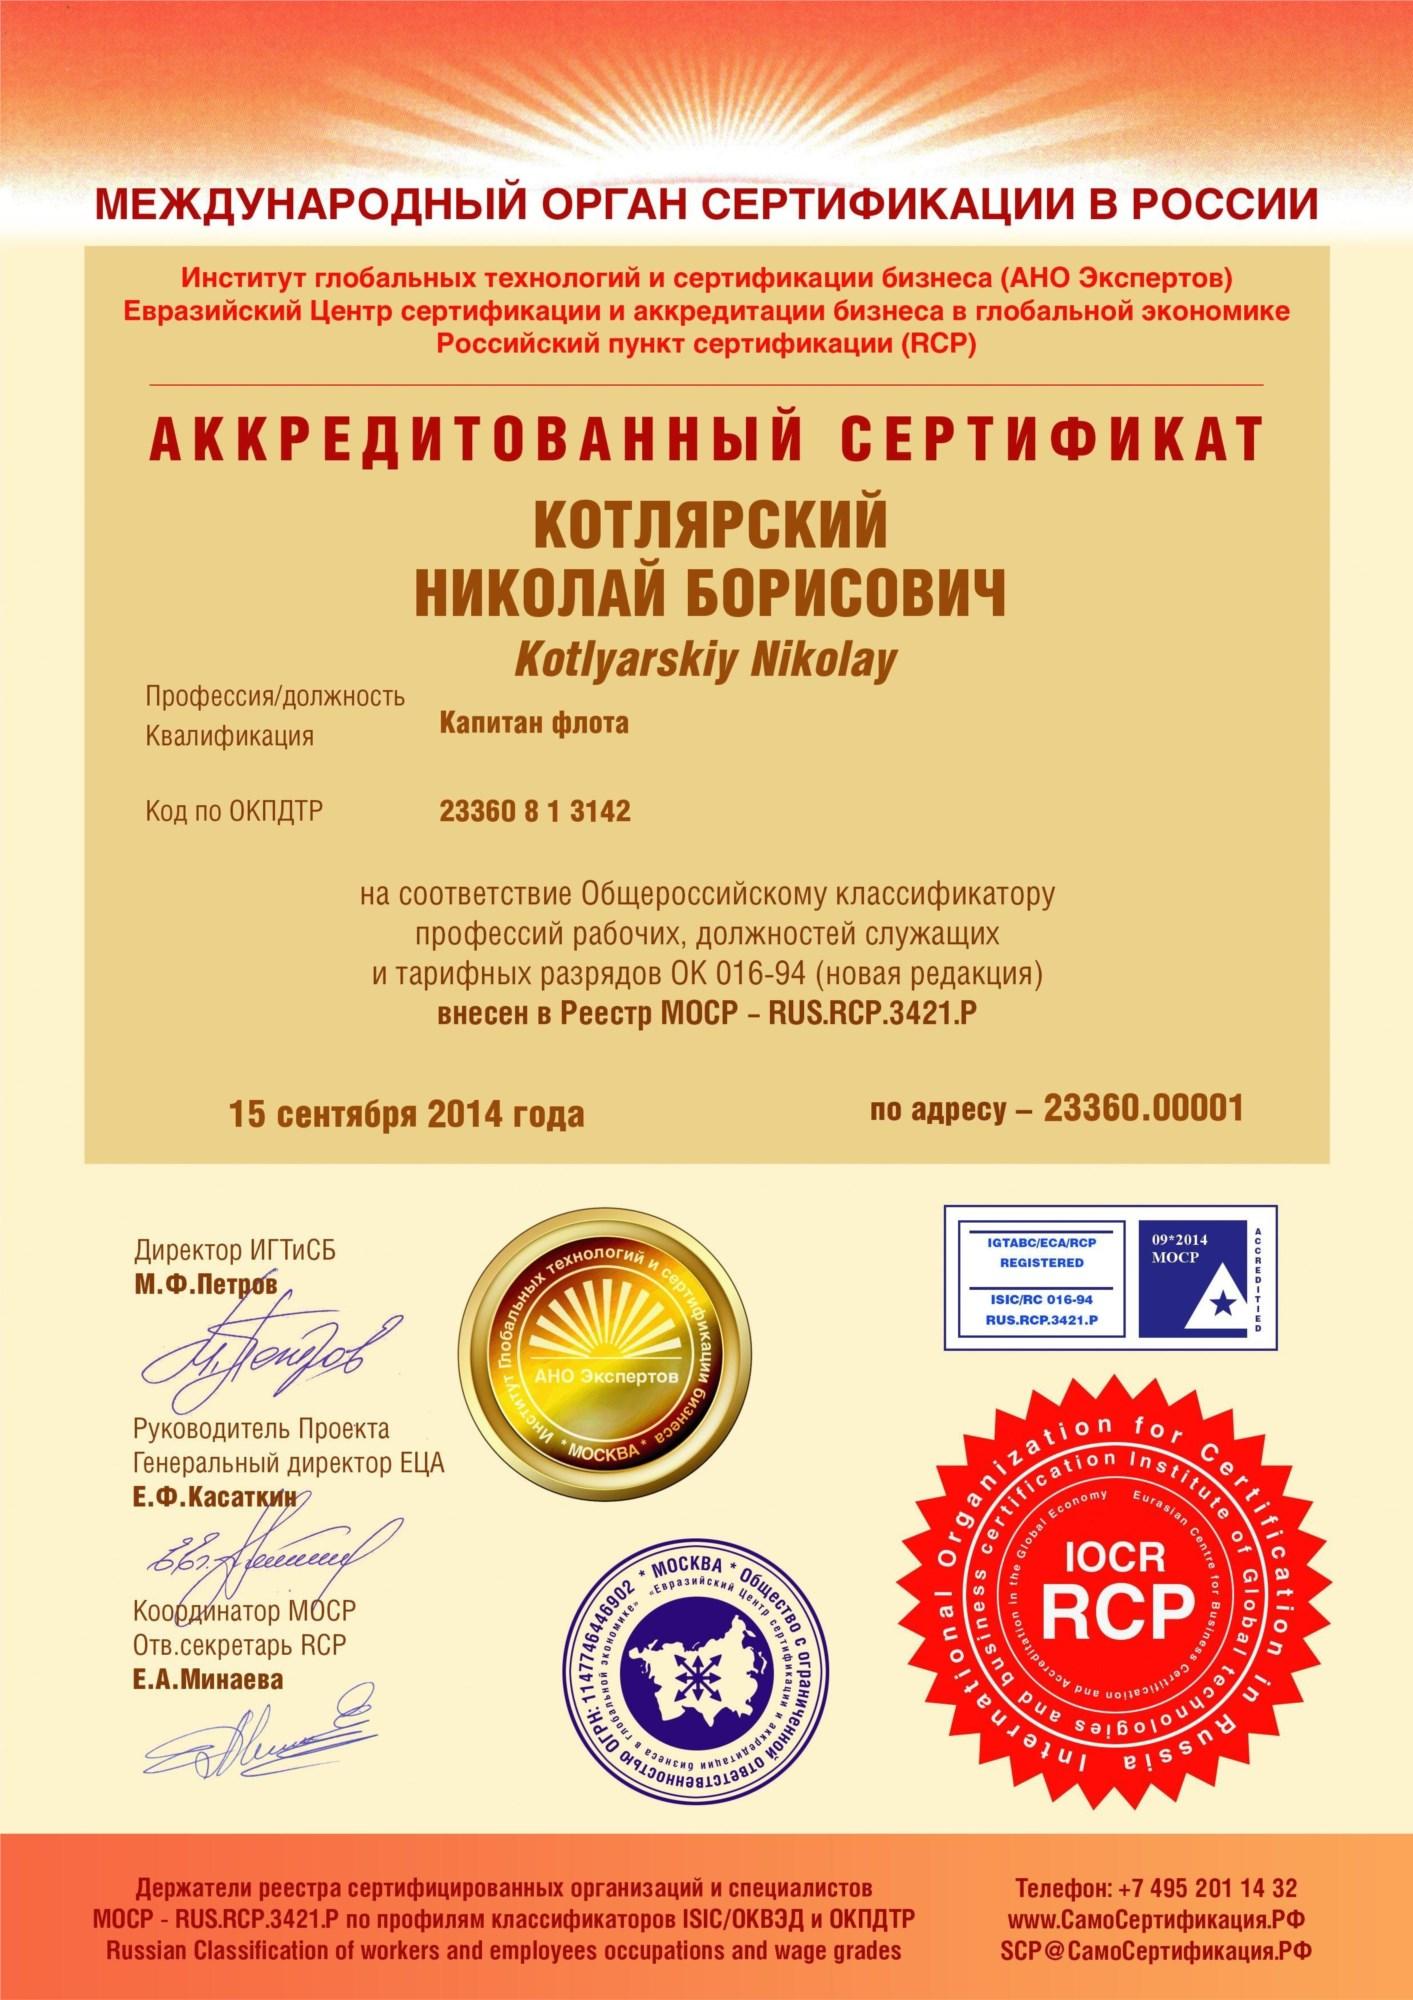 Аккредитованный сертификат Капитан флота